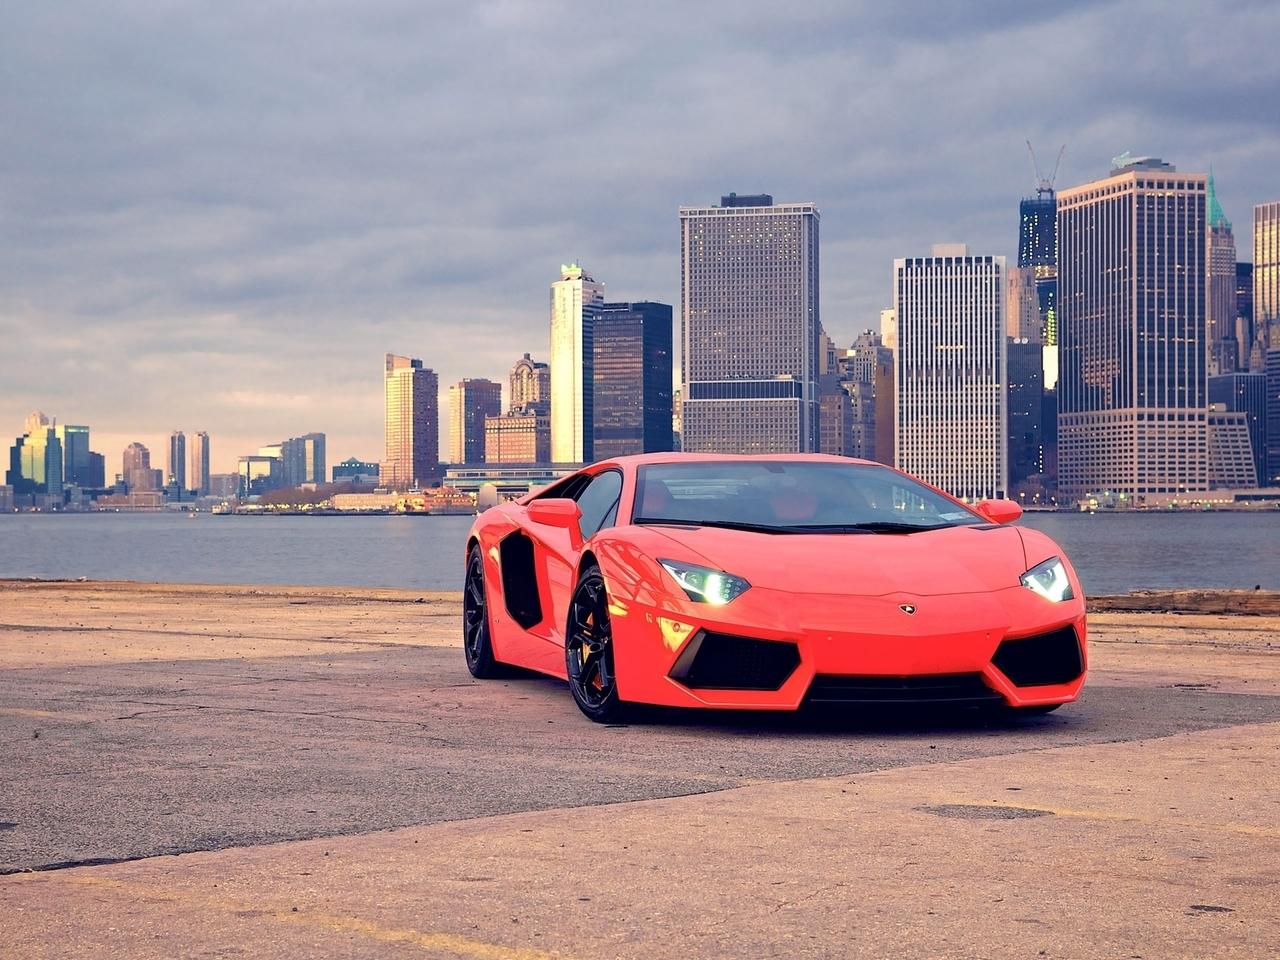 14463 скачать обои Машины, Ламборджини (Lamborghini), Транспорт - заставки и картинки бесплатно